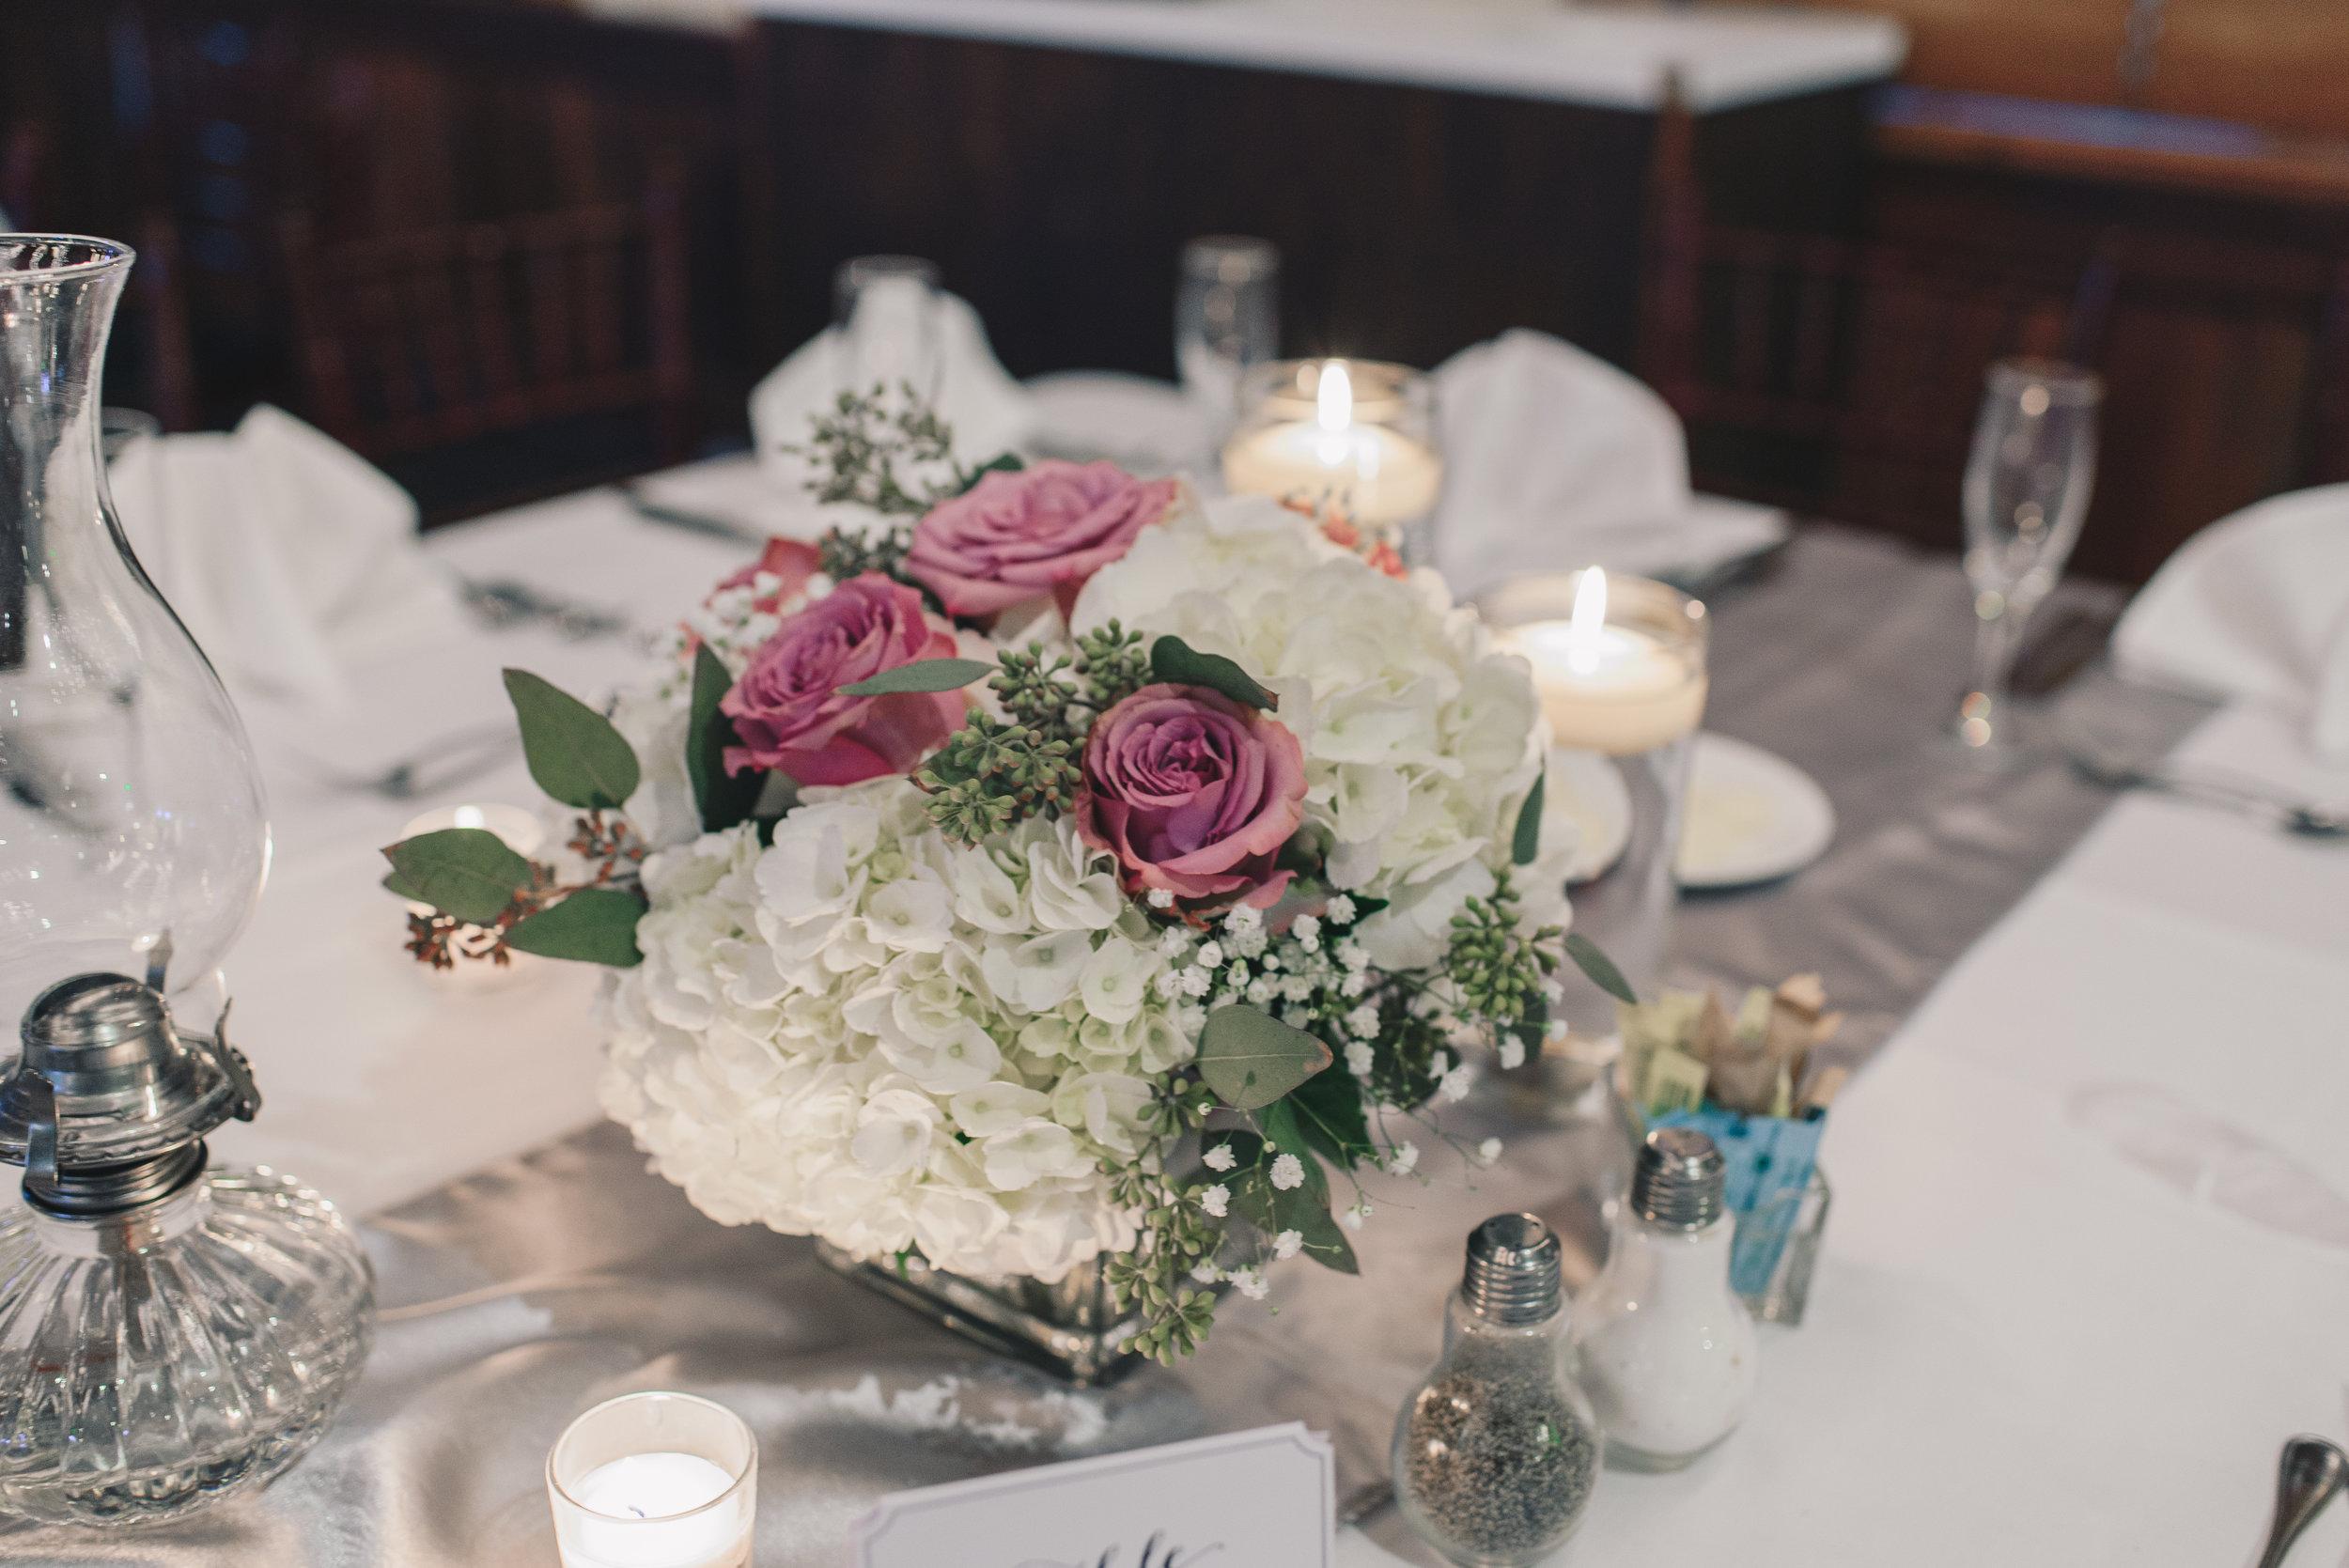 Los-Vargas-Photo-Wedding-Historic-Dubsdread-Ballroom-8553.jpg